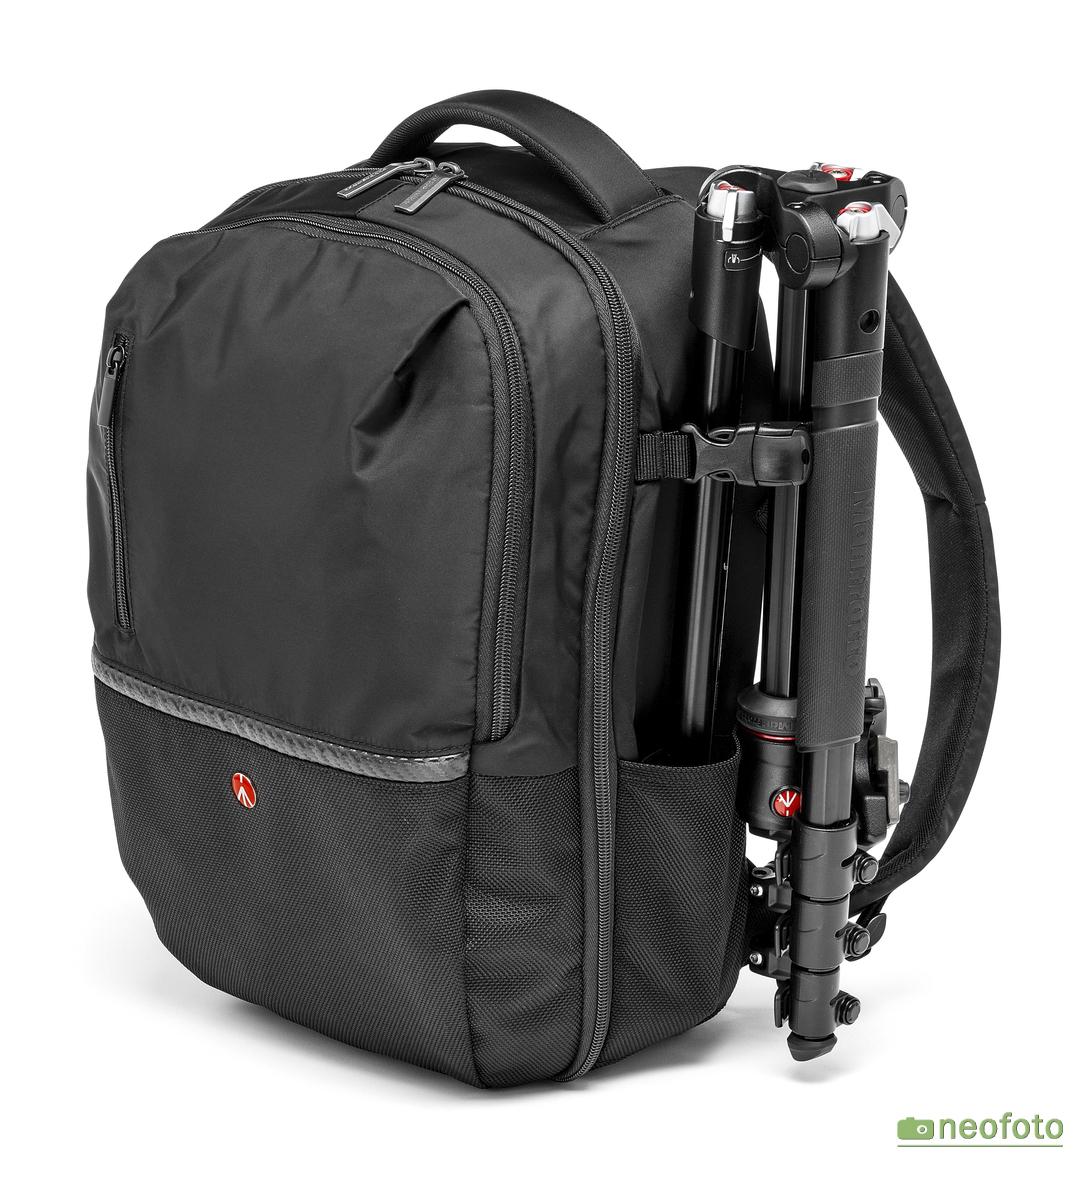 Manfrotto Advanced Gear MA-BP-GPL